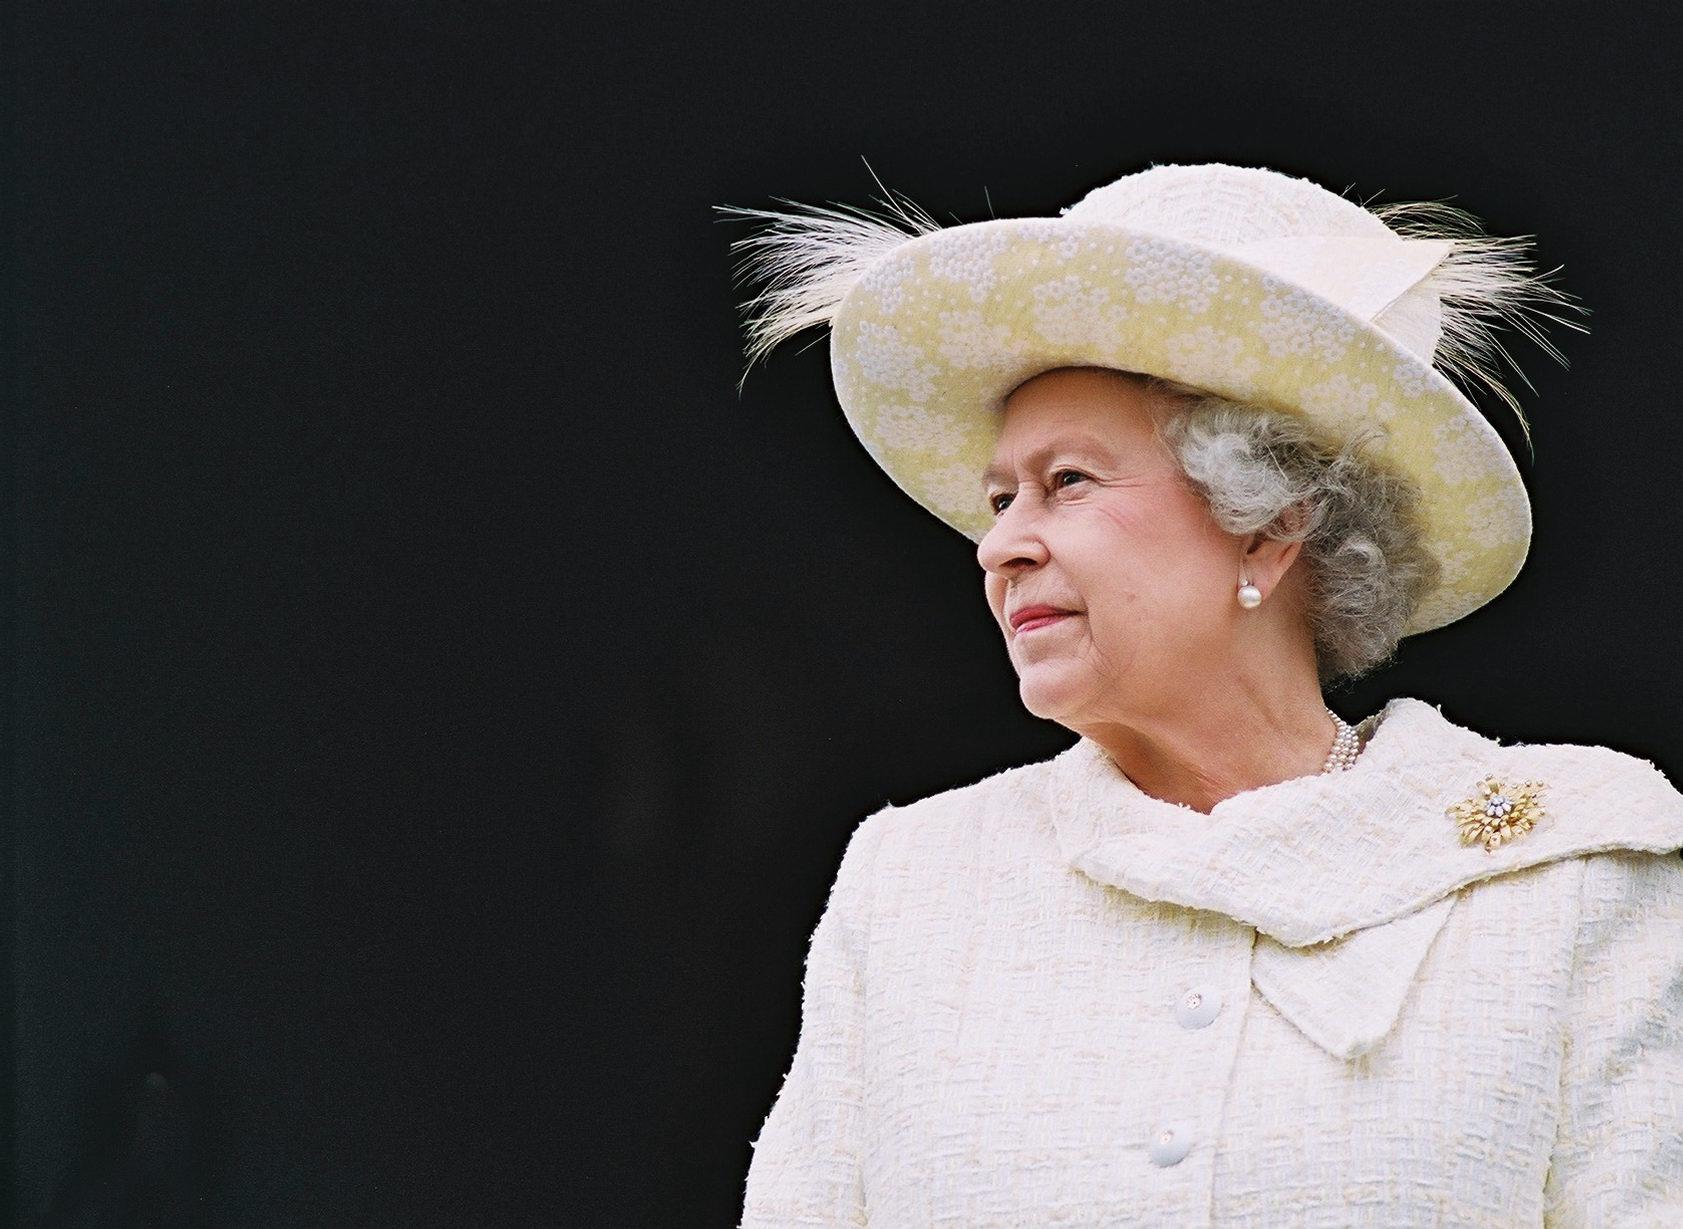 الملكة إليزابيث تقدم أوسمة لثلاثة بريطانيين مقيمين في الإمارات